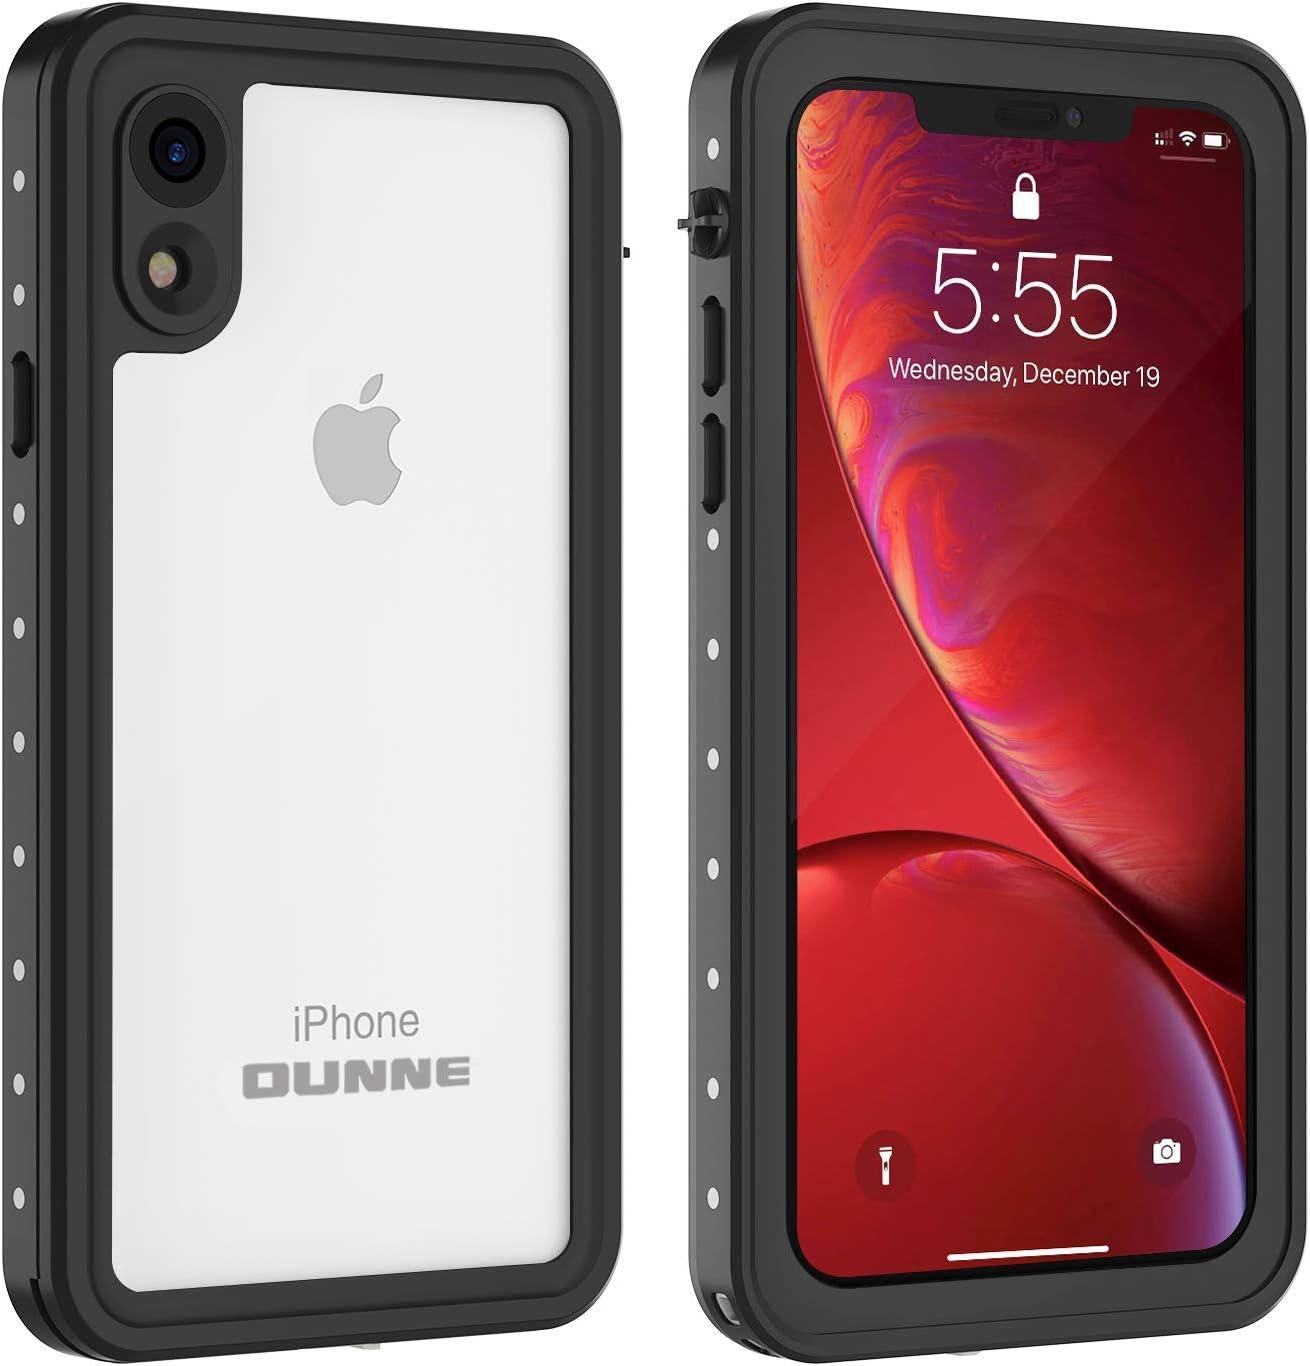 OUNNE iPhone XR Waterproof Case, Full Sealed Underwater Cover Dustproof Snowproof Shockproof Waterproof Phone Case for iPhone XR (Clear)